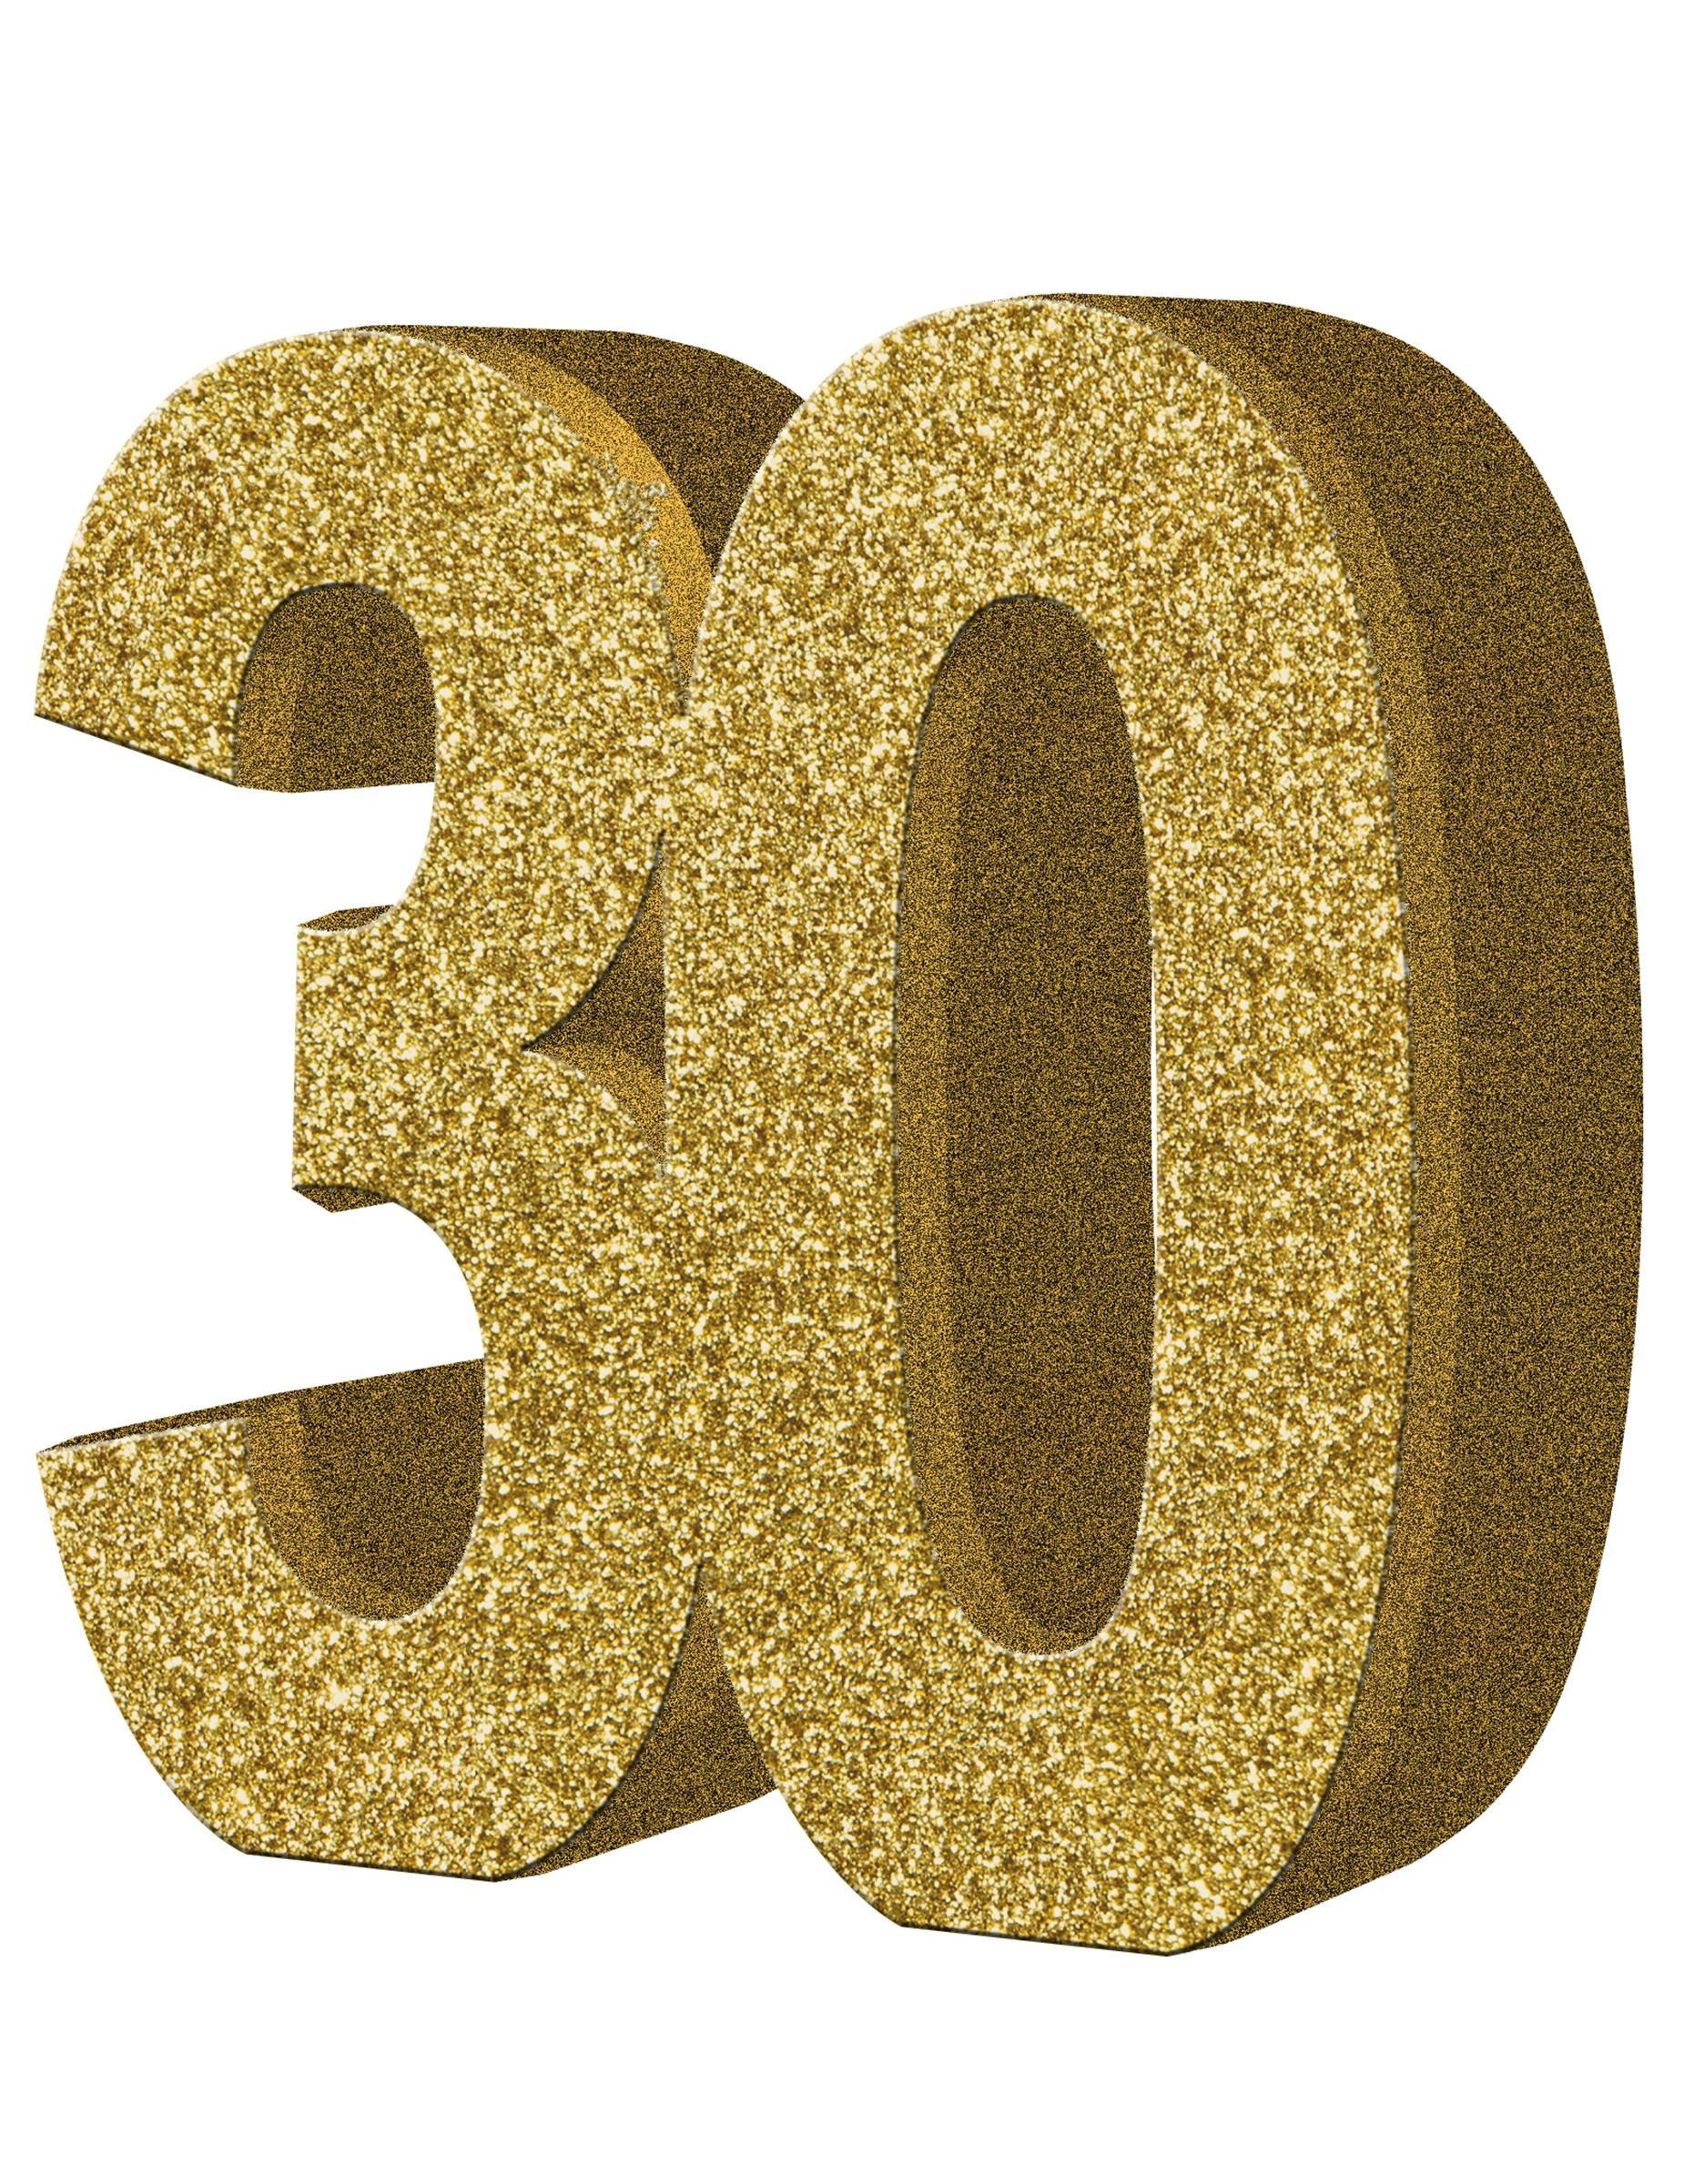 D coration de table 30 ans or 20 x 20 cm d coration - Decoration de table anniversaire 30 ans ...